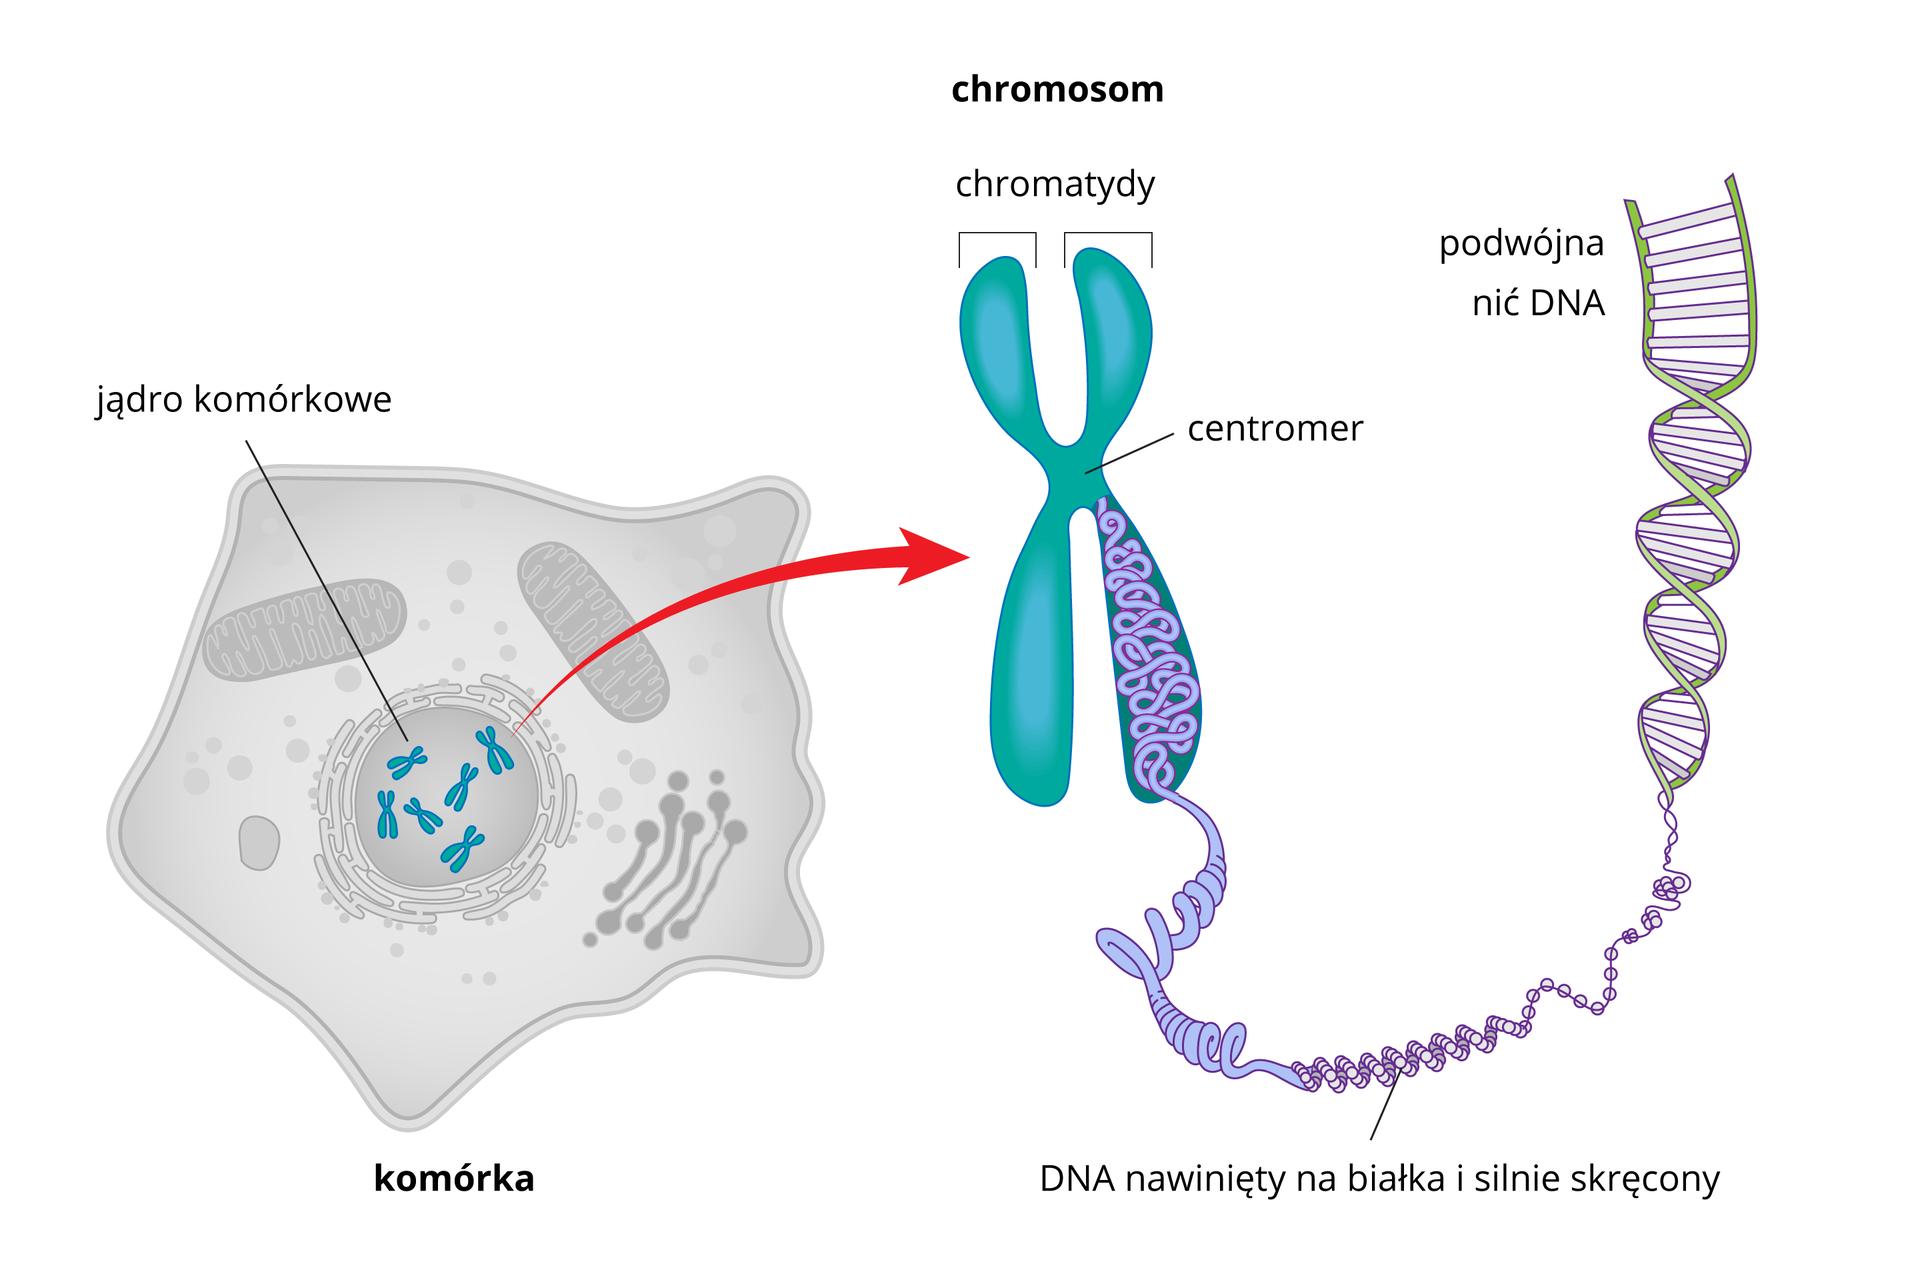 Ilustracja przestawia kolejne powiększenia chromosomu. Od lewej wielokątna szara komórka zzaznaczonymi organellami. Wśrodku jądro komórkowe zbłękitnymi chromosomami. Od nich strzałka wprawo do jednego iksowatego chromosomu. Ramiona podpisane chromatydy, wśrodku połączenie nazwane centromer. Zchromatydy udołu wysuwa się splątana, gruba lina. To DNA, nawinięty na białka isilnie skręcony. Dalej wprawo lina rozwija się iuwidacznia skręconą drabinkę zliliowymi szczeblami między zielonymi bokami. Podpis podwójna nić DNA.